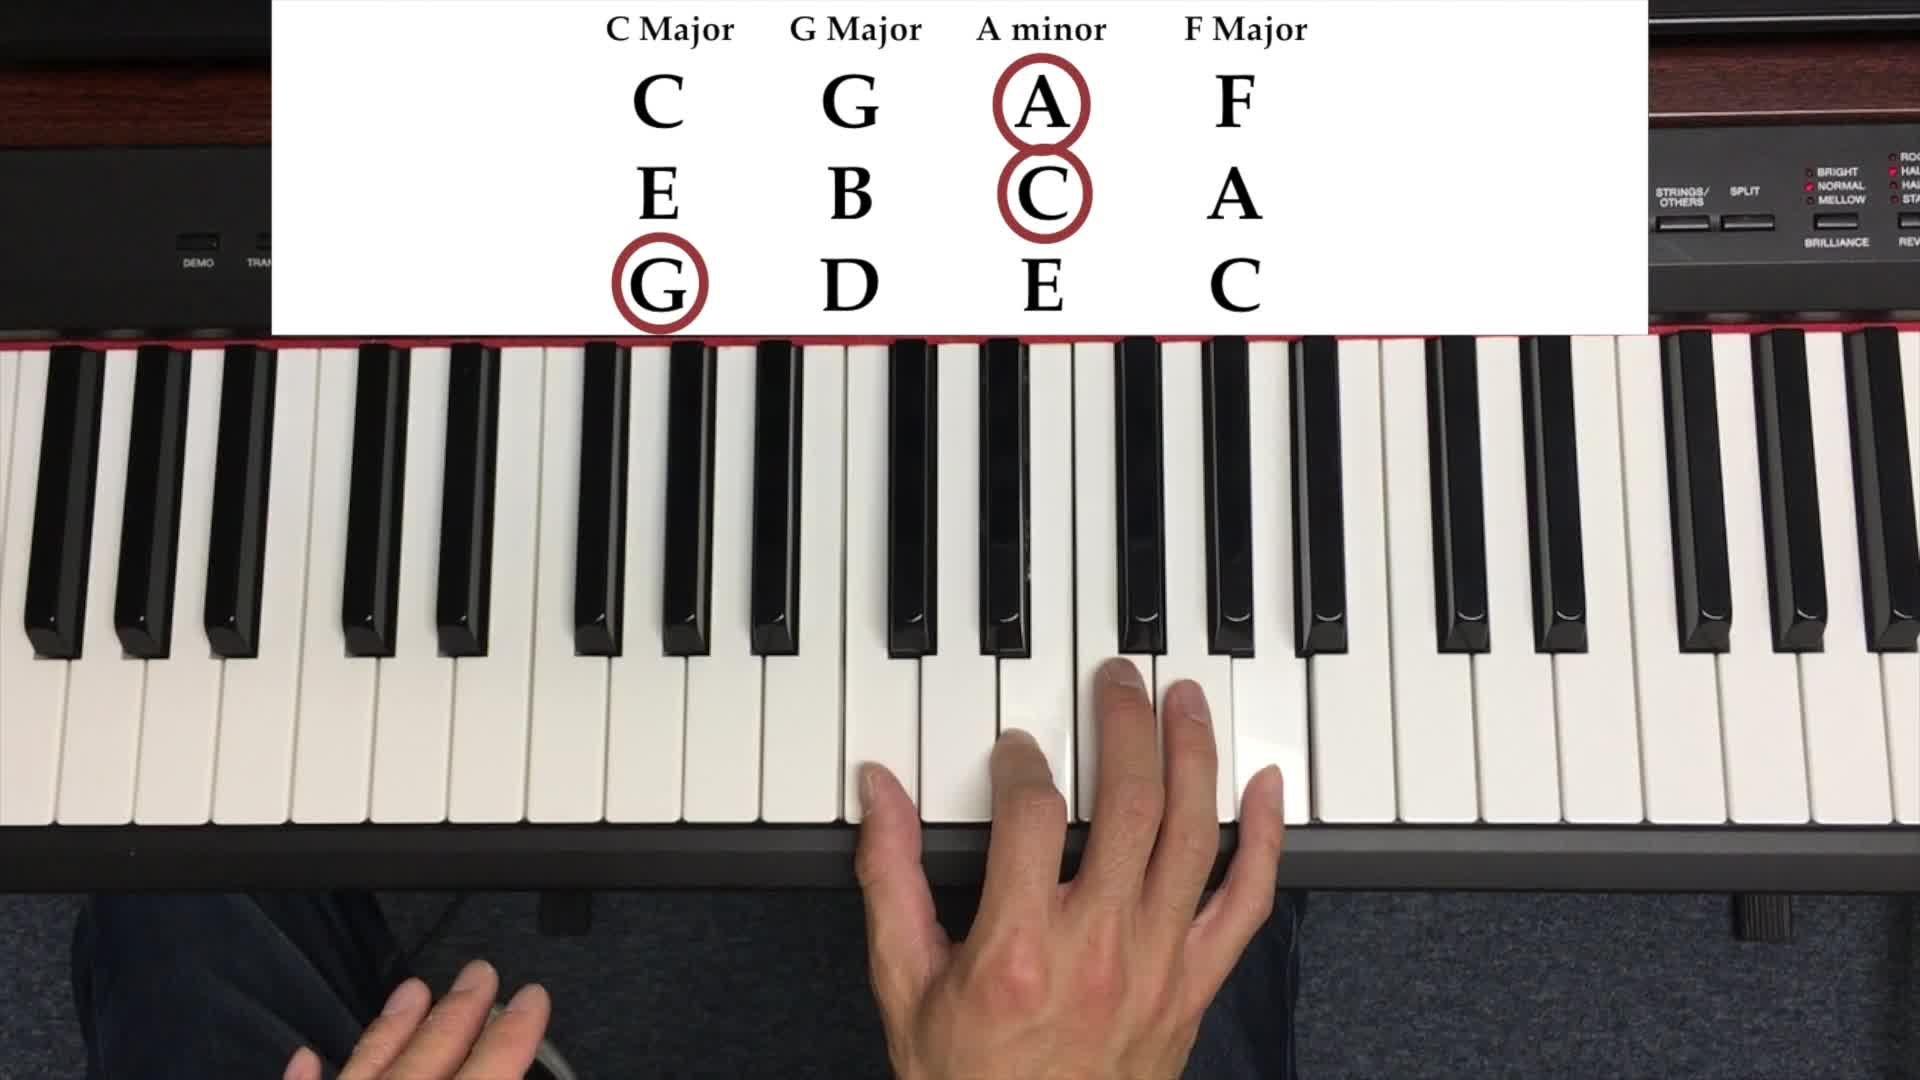 Modern piano 101 play songs today rw studio skillshare hexwebz Choice Image